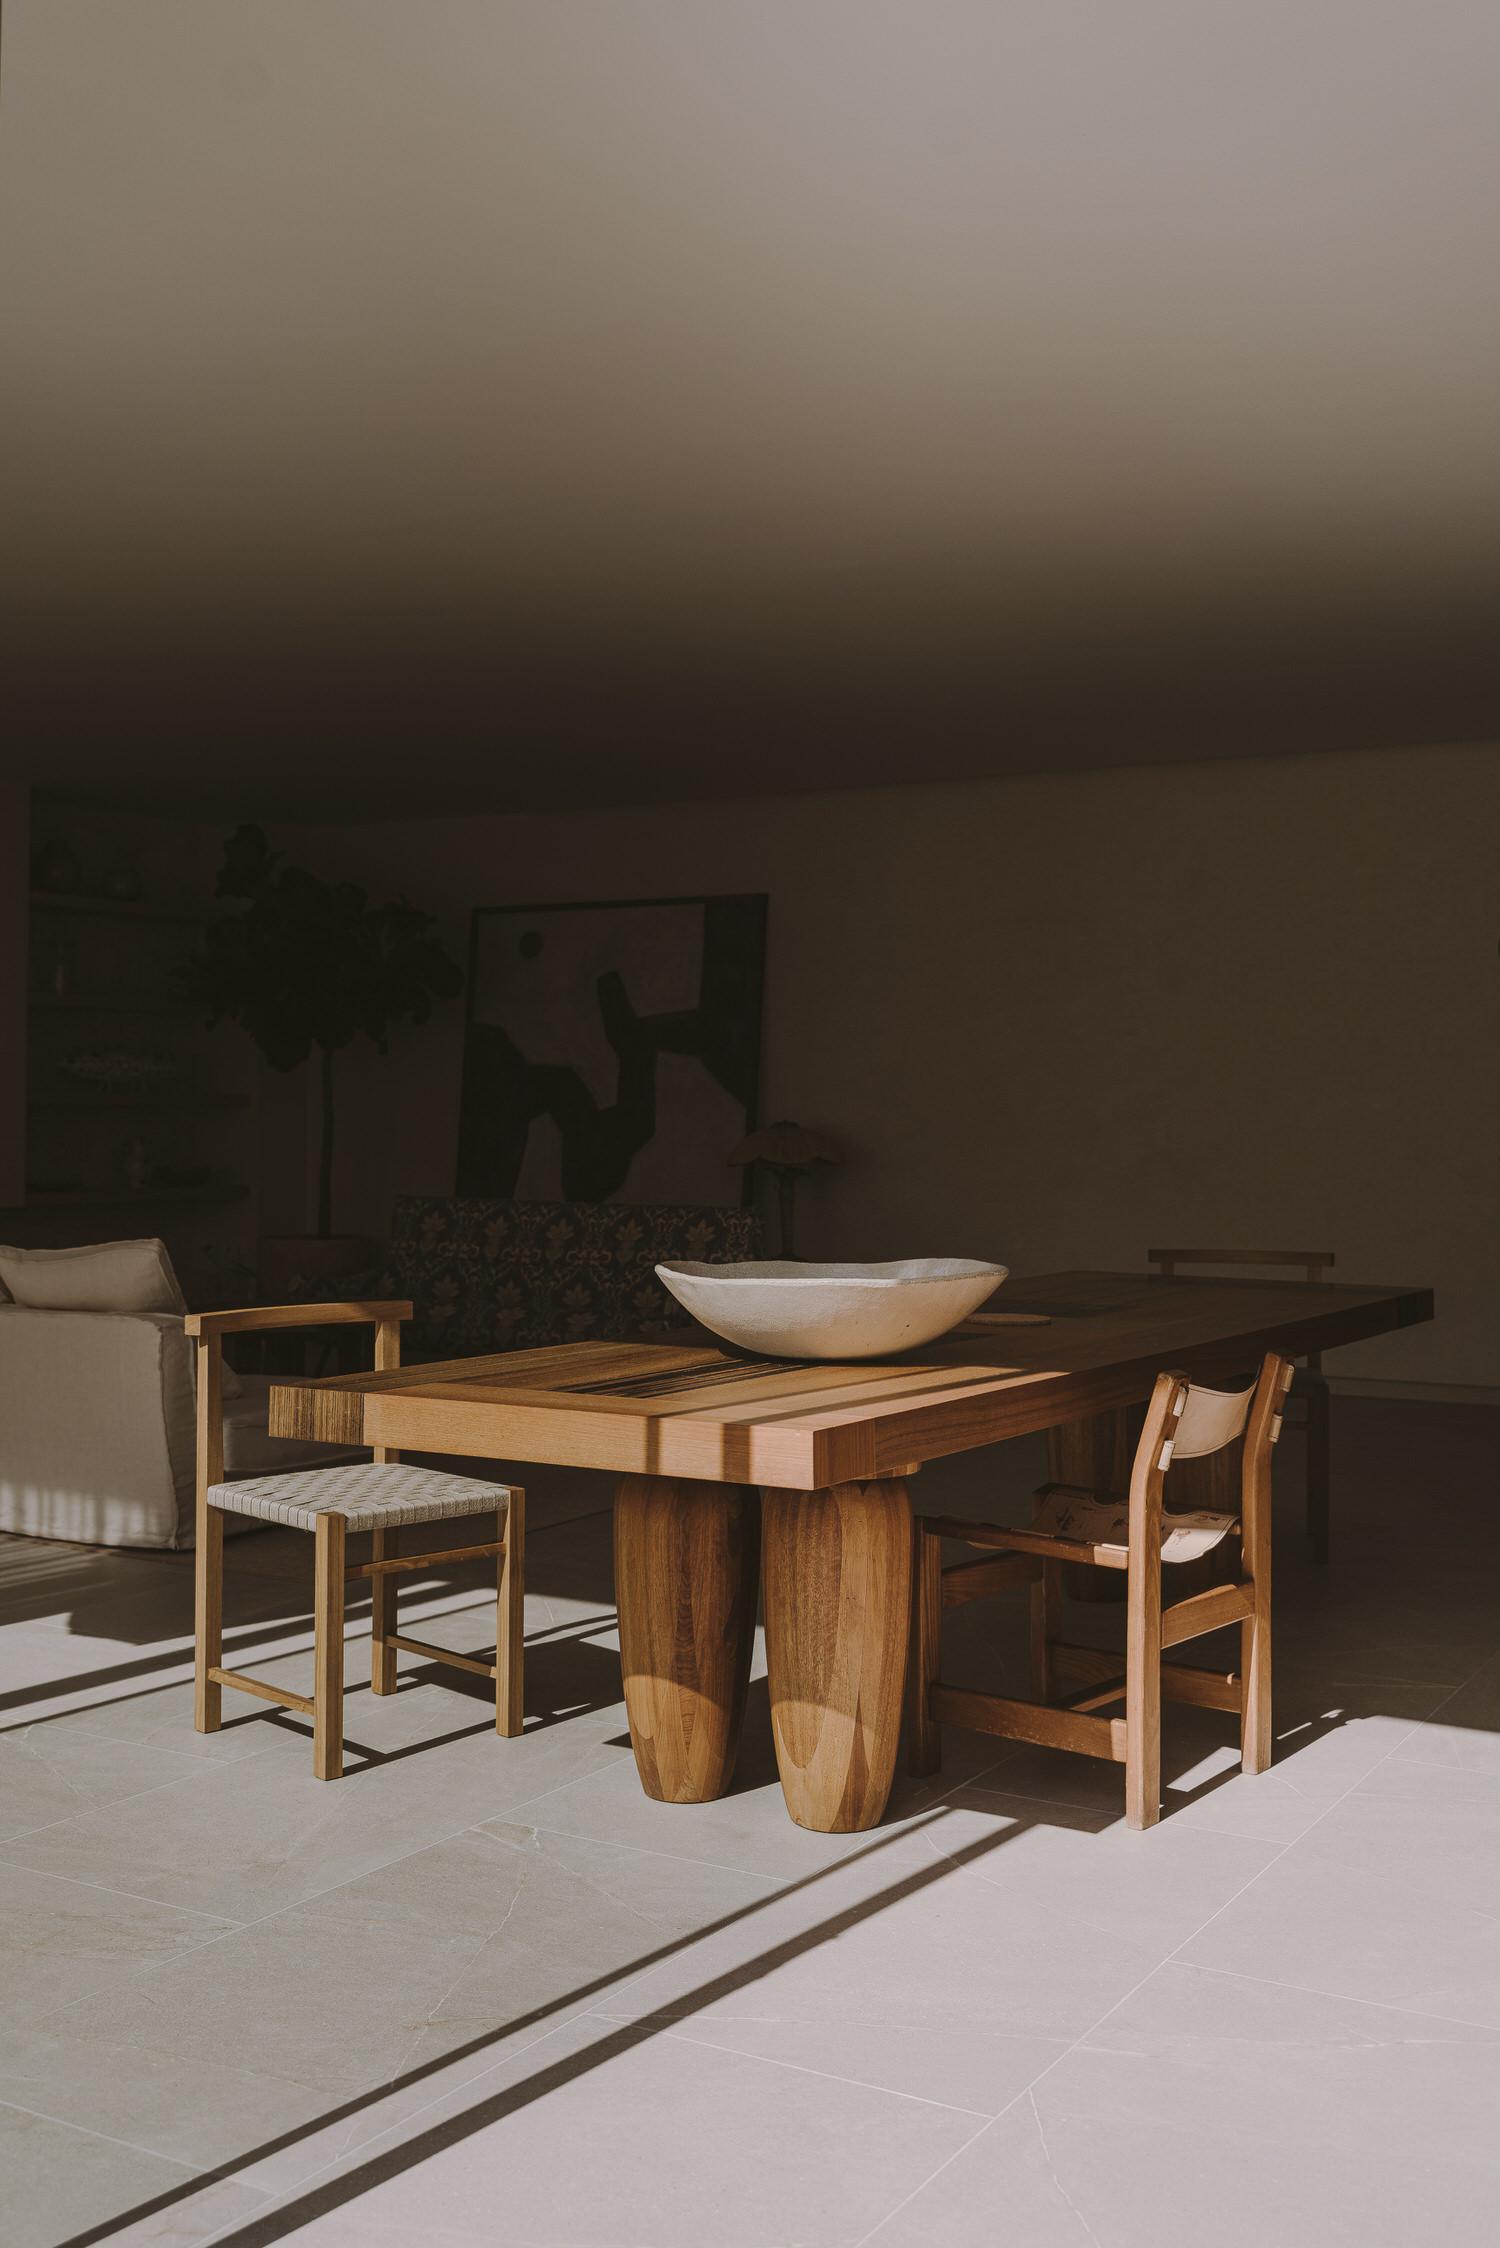 Paradowski Studio Pdm House Majorca Photo Pion Studio Yellowtrace 39